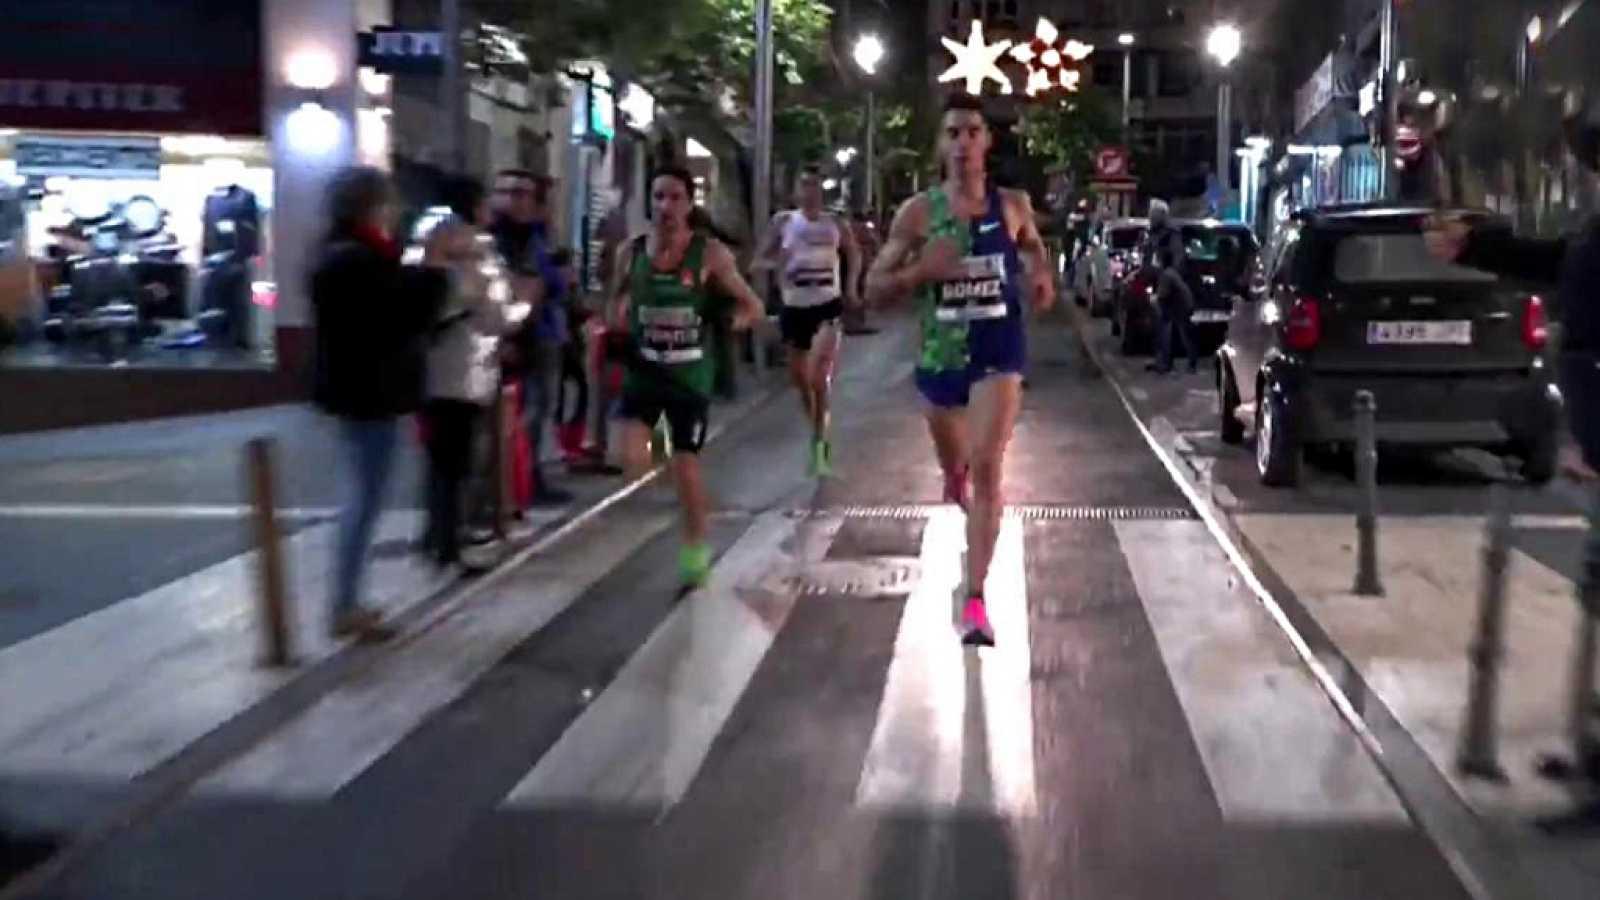 Atletismo - Carrera internacional Noche de San Antón 2020 - ver ahora